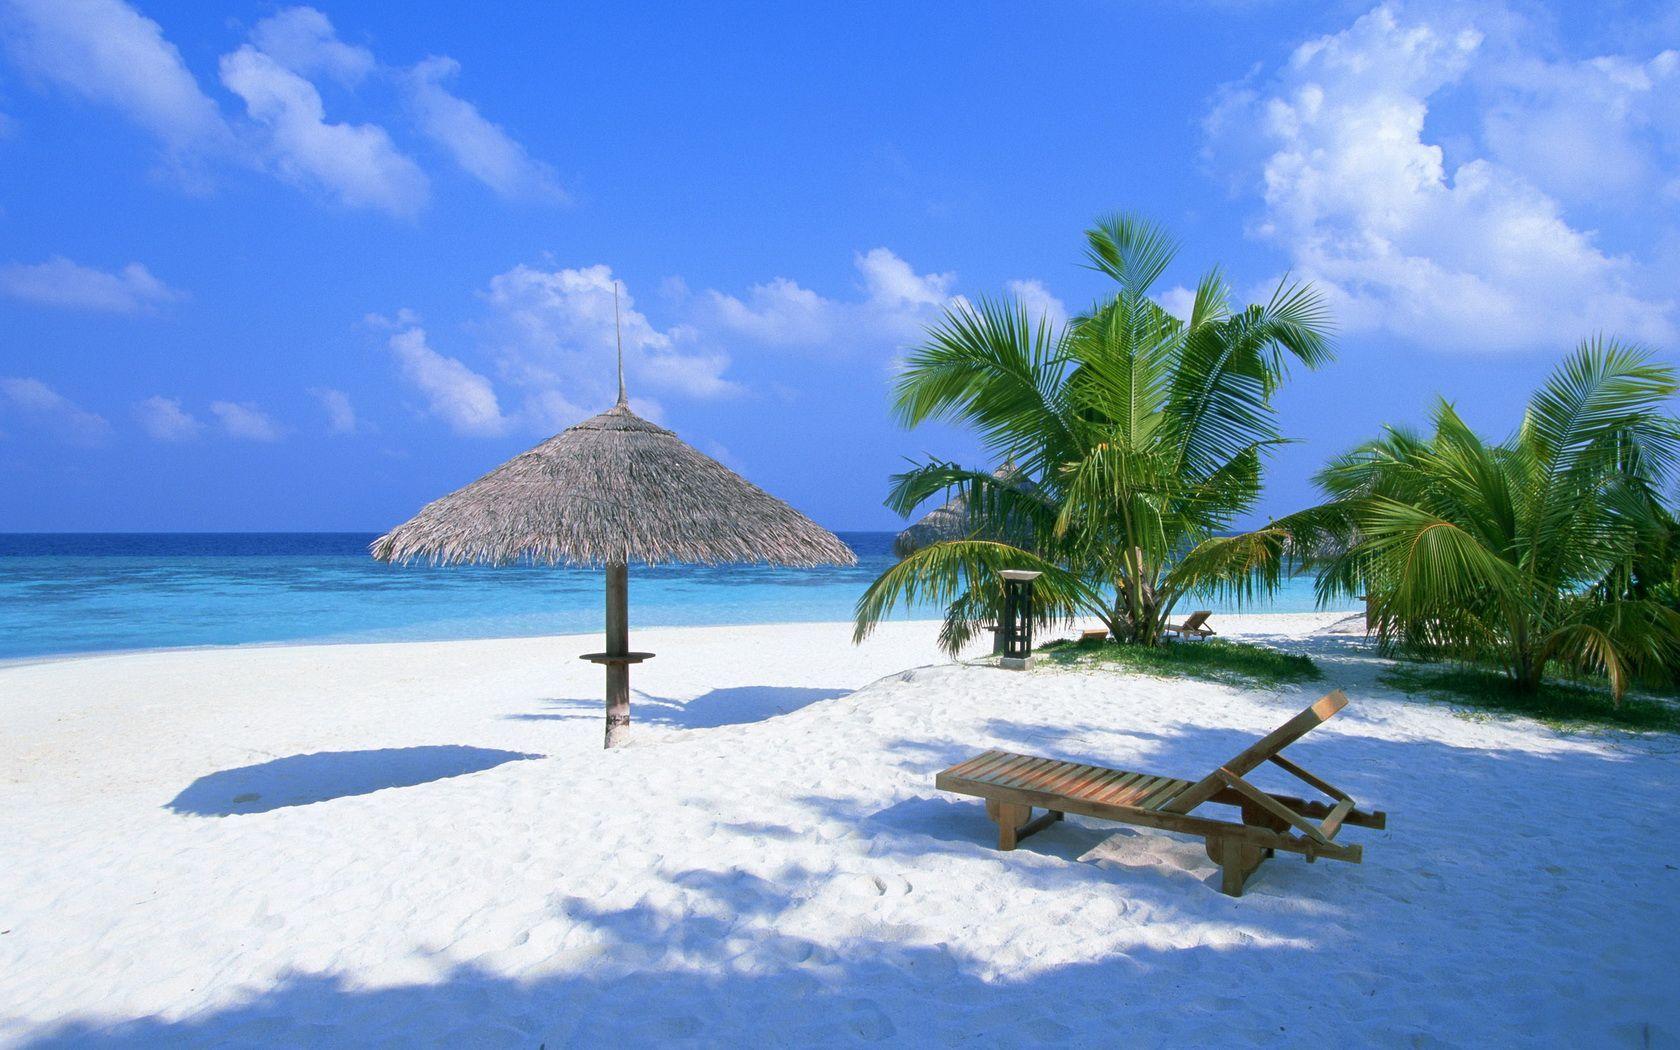 Dos islas, un paraíso!! Isla Contoy  - Isla Mujeres Foto 0